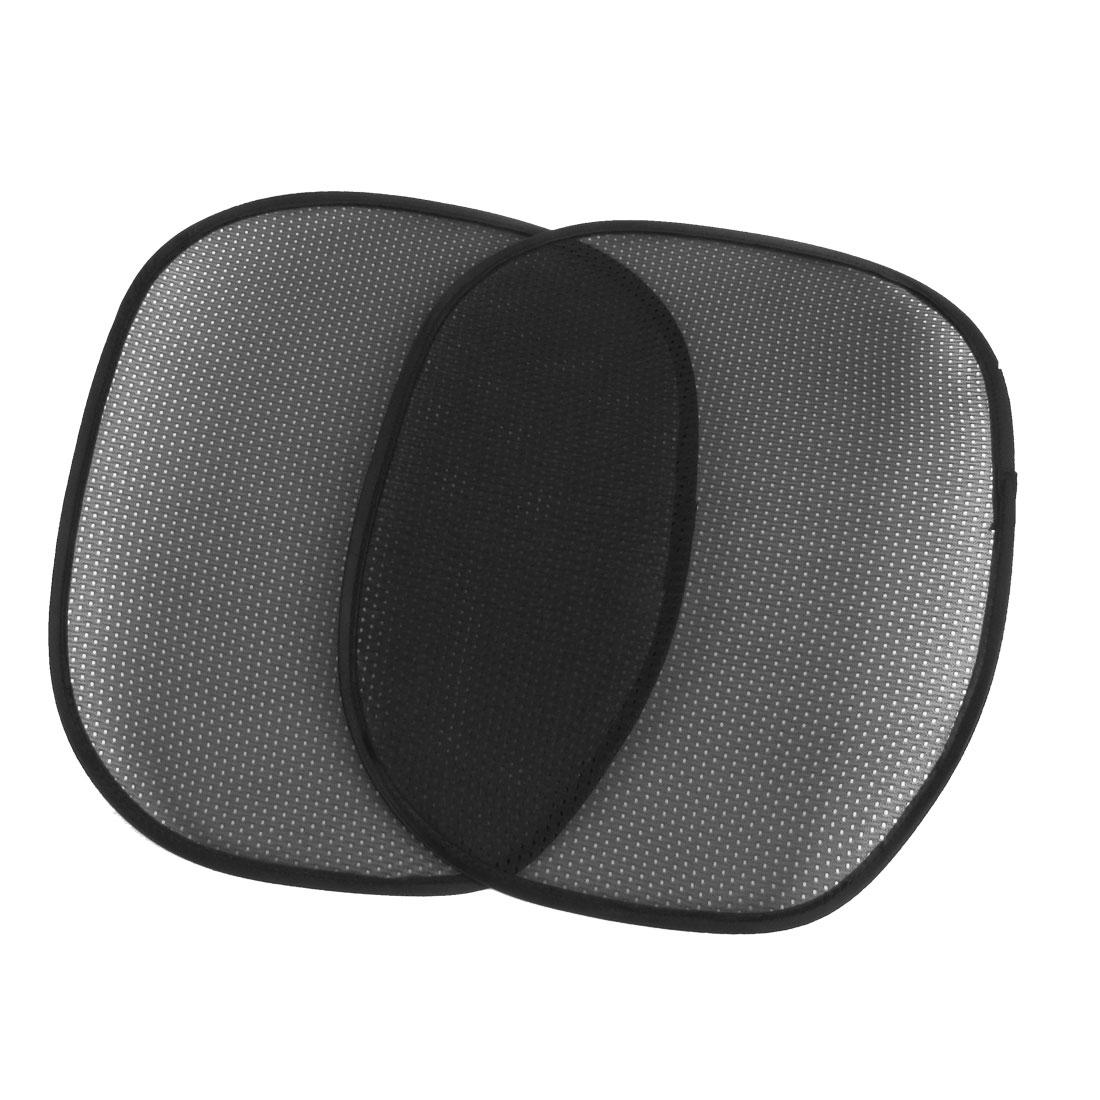 2 x Black Mesh Design Nylon Side Rear Window Sunshade Sun Shade for Car